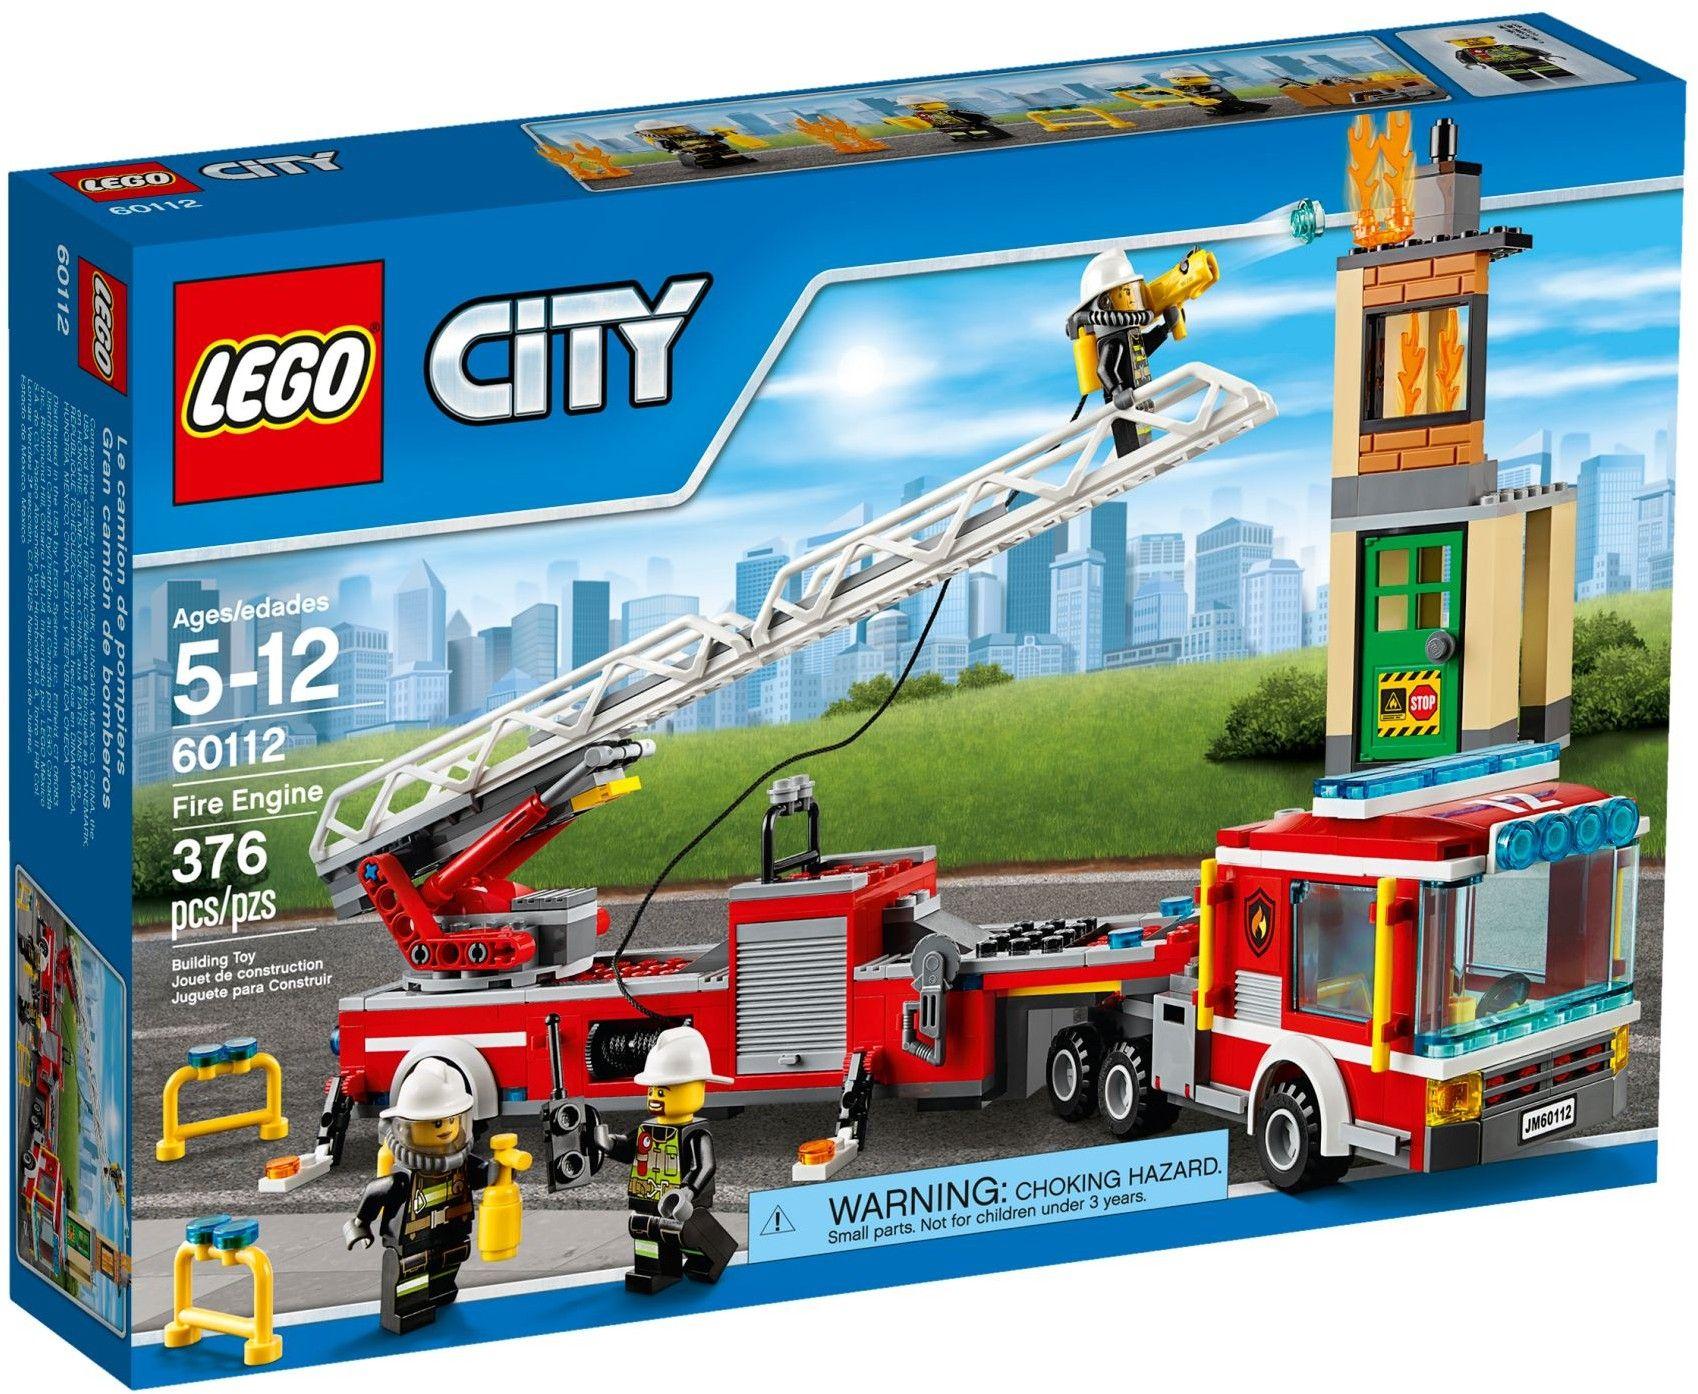 comparez les prix du lego city 60112 le grand camion de pompiers avant de l - Lego City Pompier